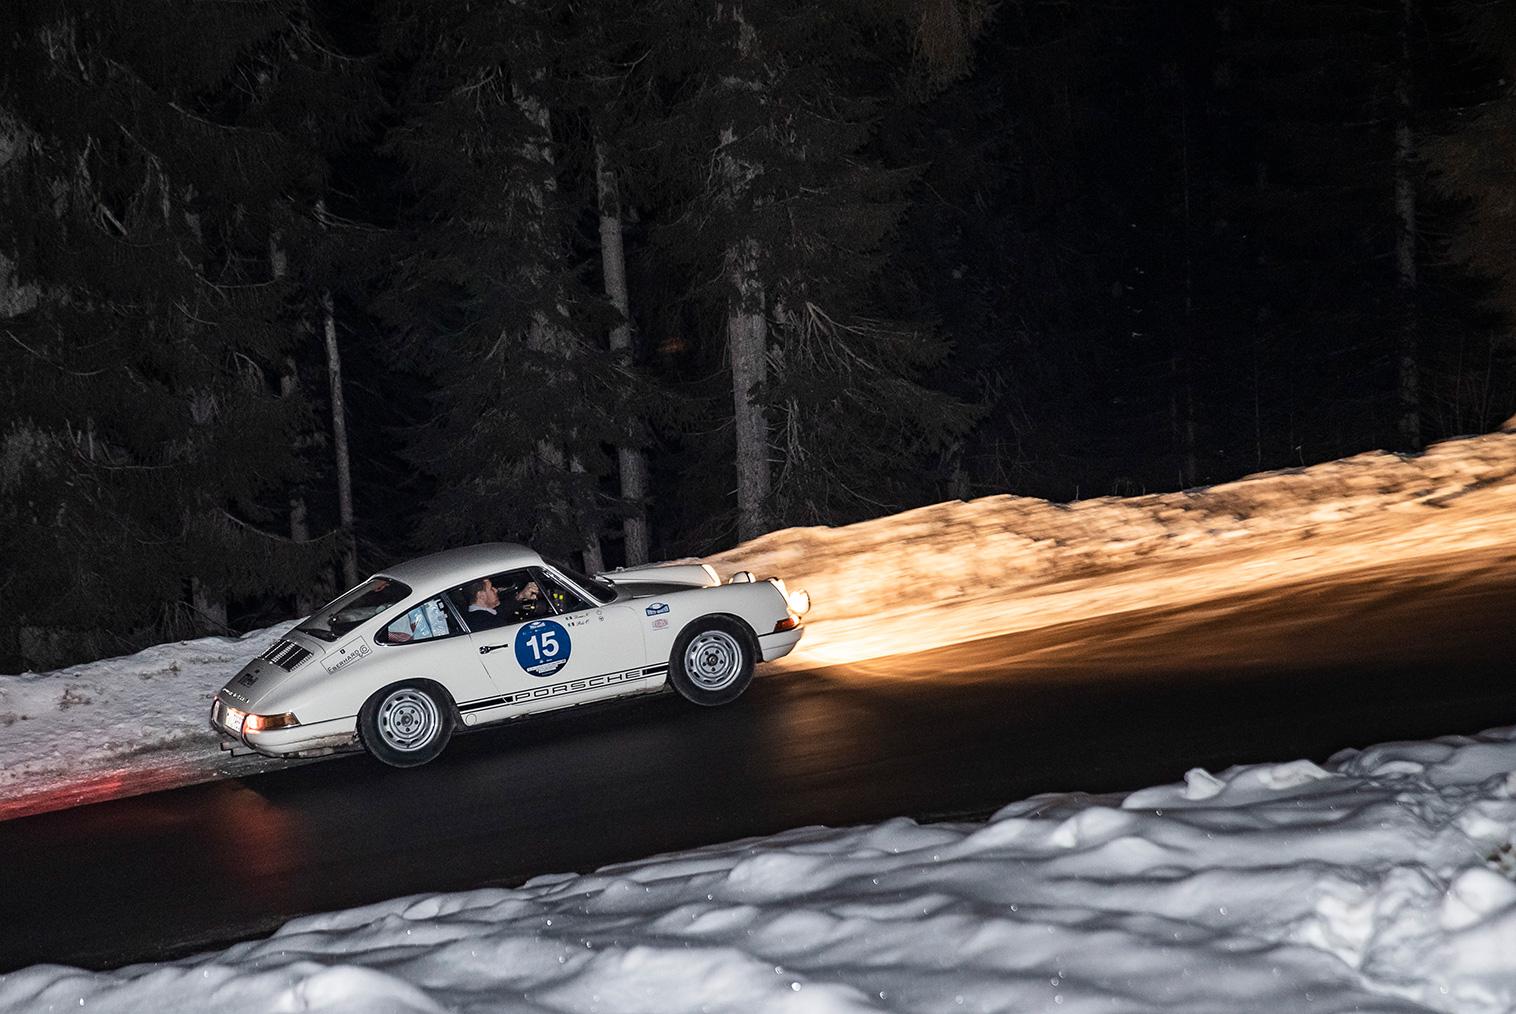 Winter Marathon e Centro Porsche Brescia, un legame che continua sulle Dolomiti